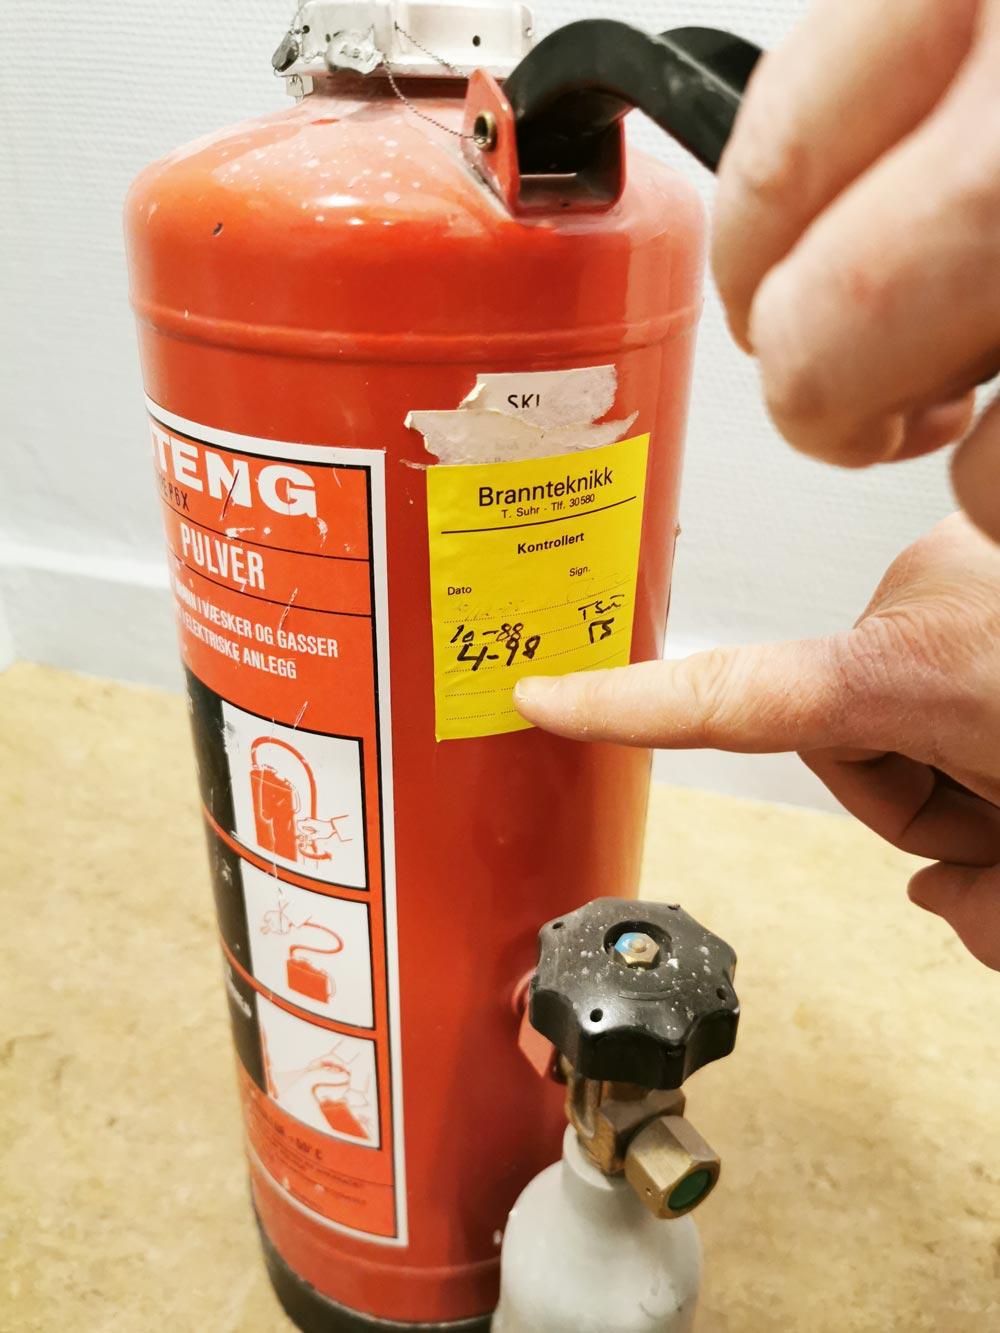 Når det gjelder vedlikehold av pulverapparater anbefaler vi at man følger norsk standard (NS 3910)